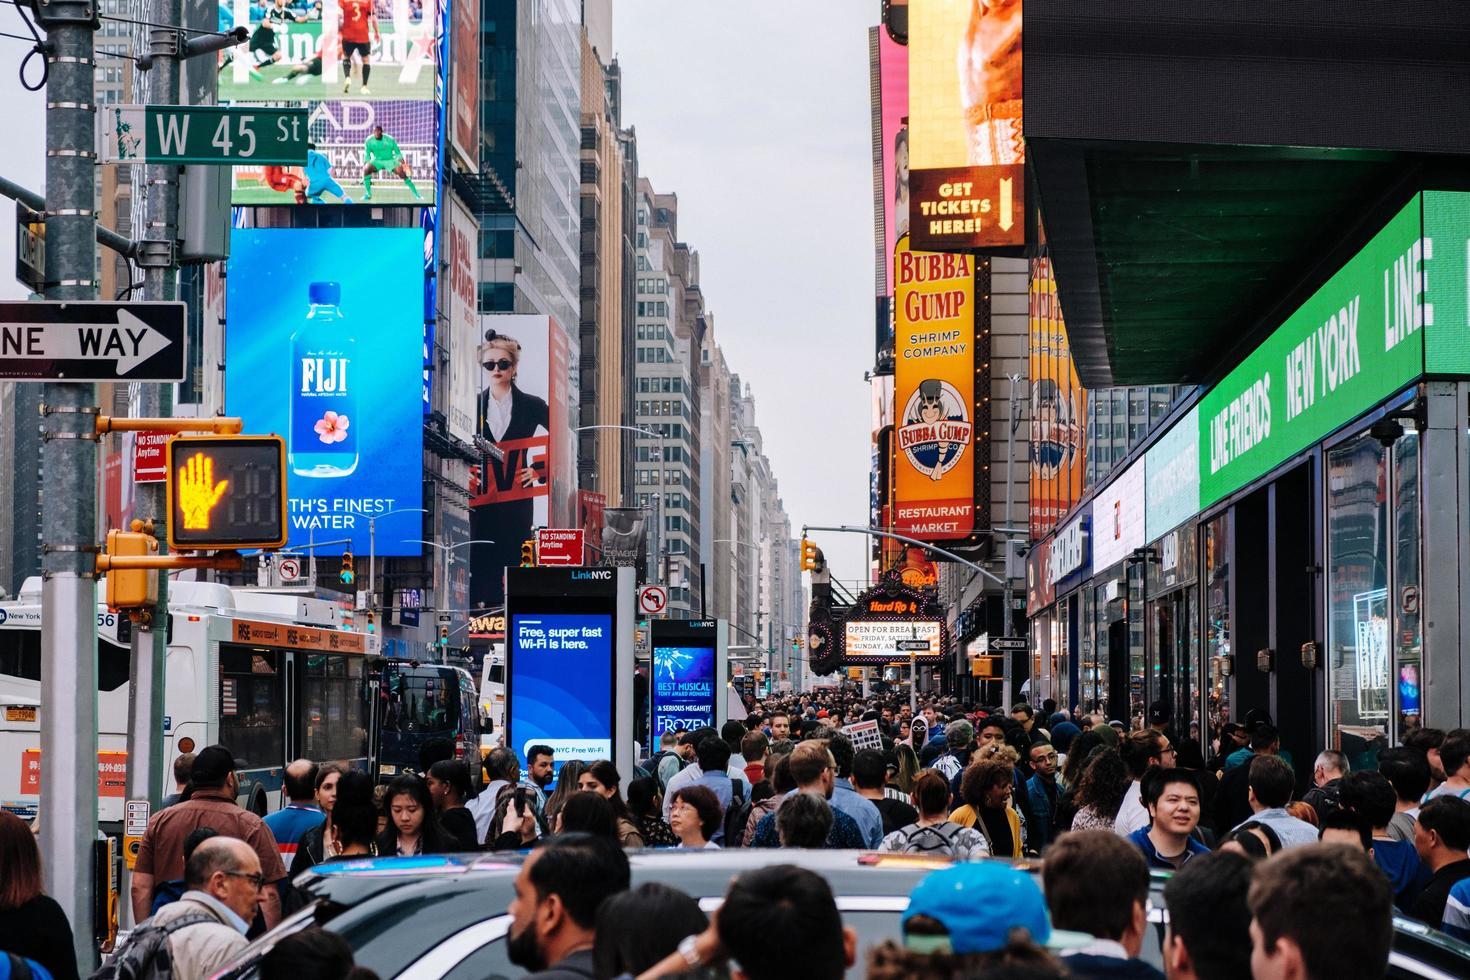 groupe de personnes marchant dans les rues photo